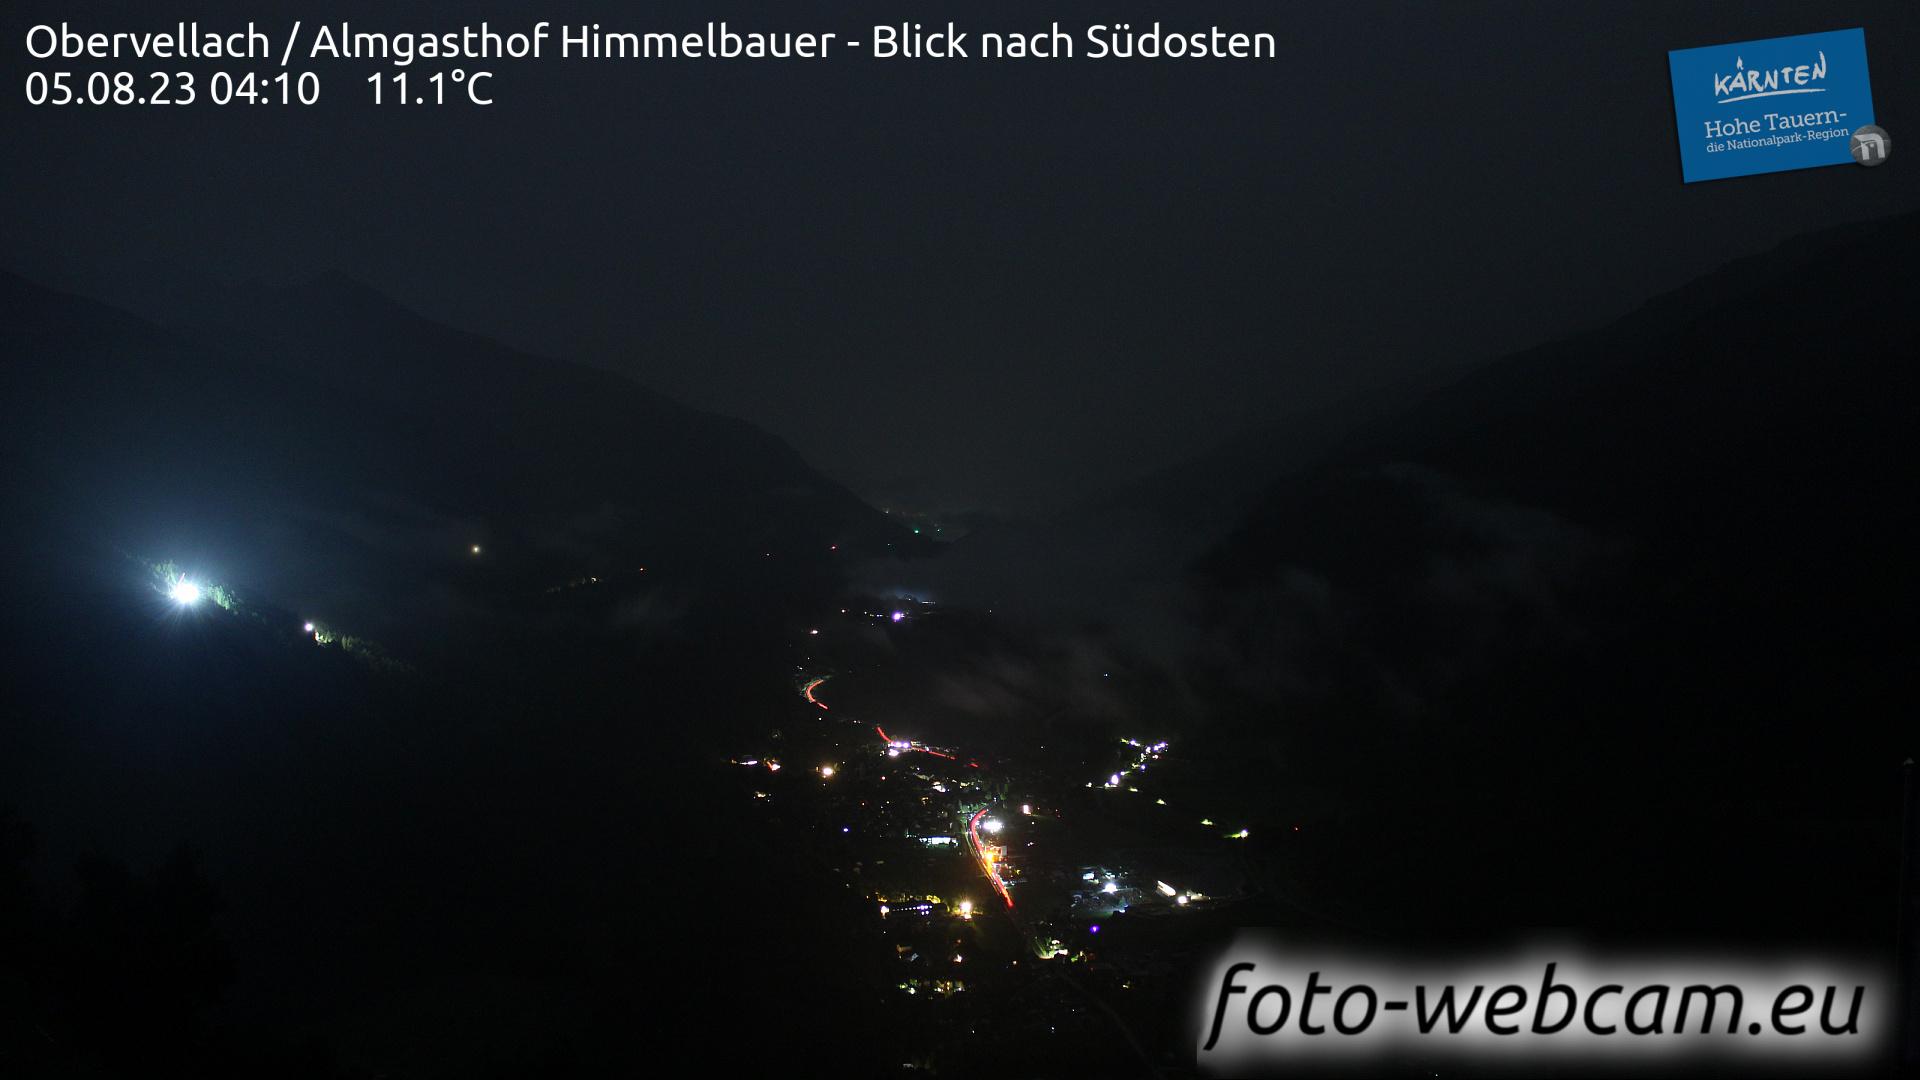 Obervellach Fr. 04:27